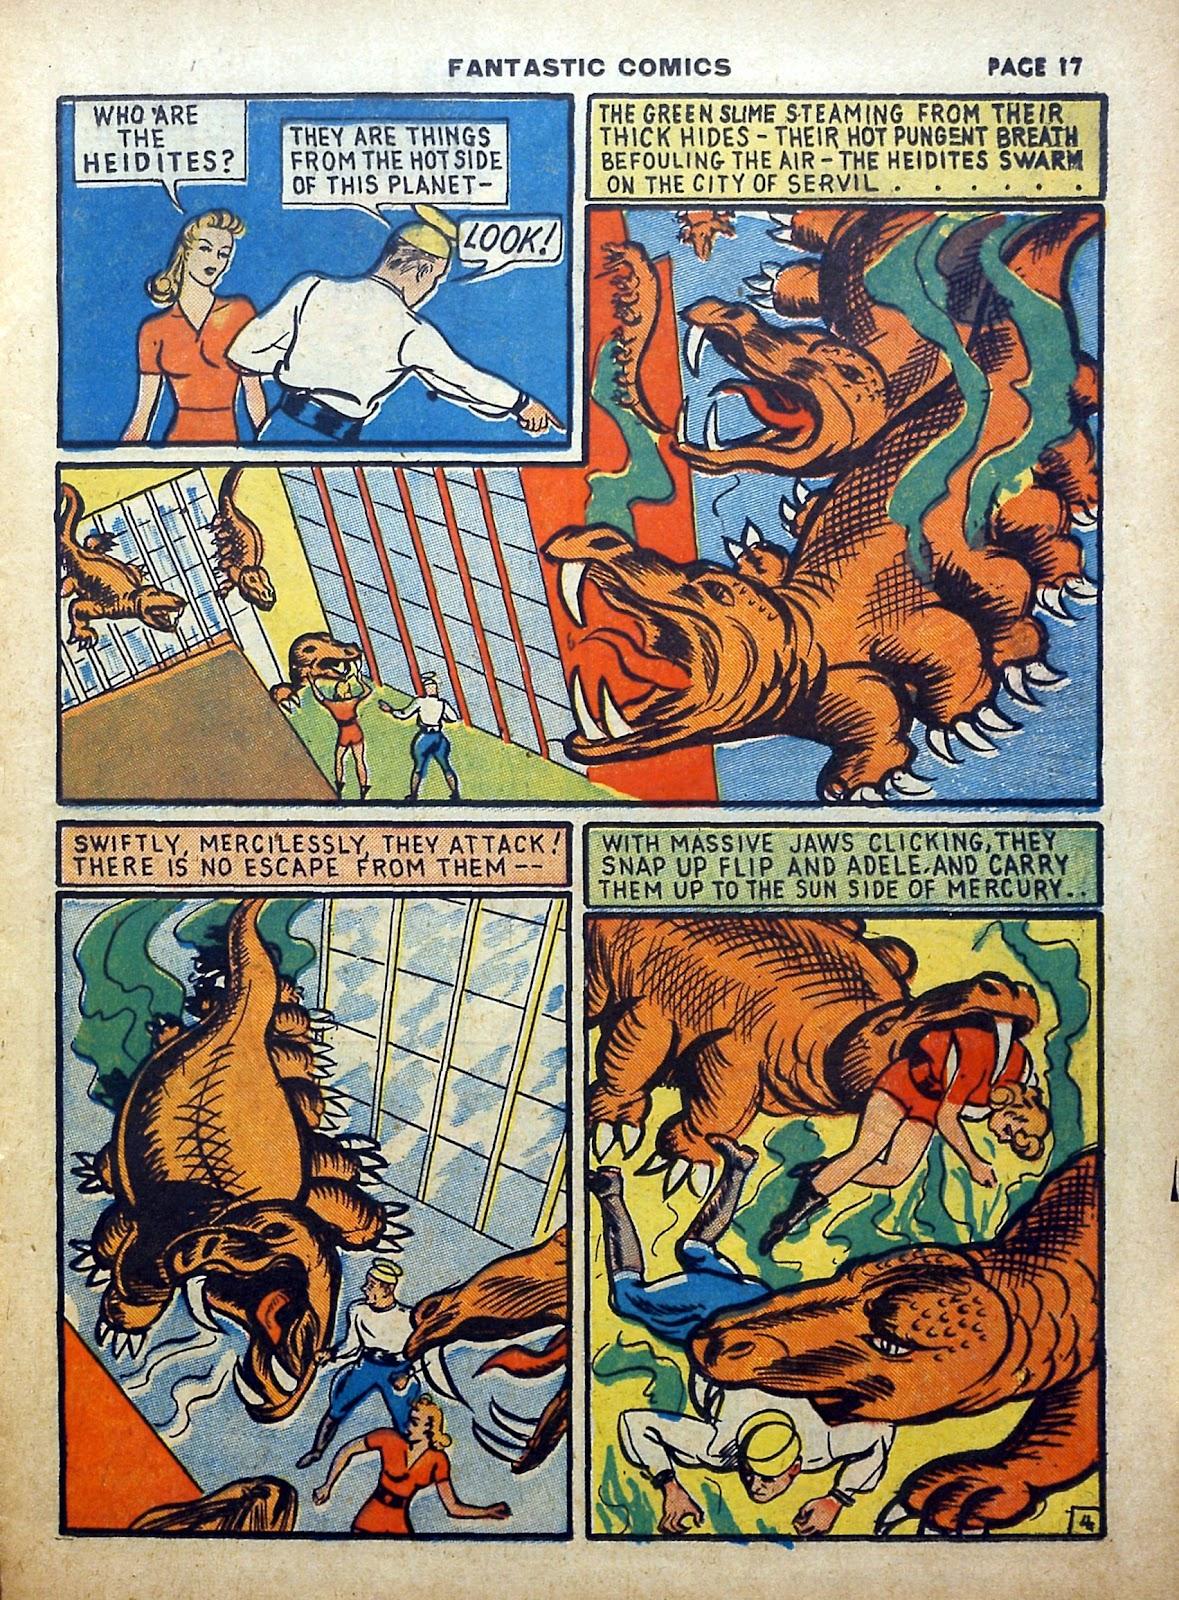 Read online Fantastic Comics comic -  Issue #5 - 18